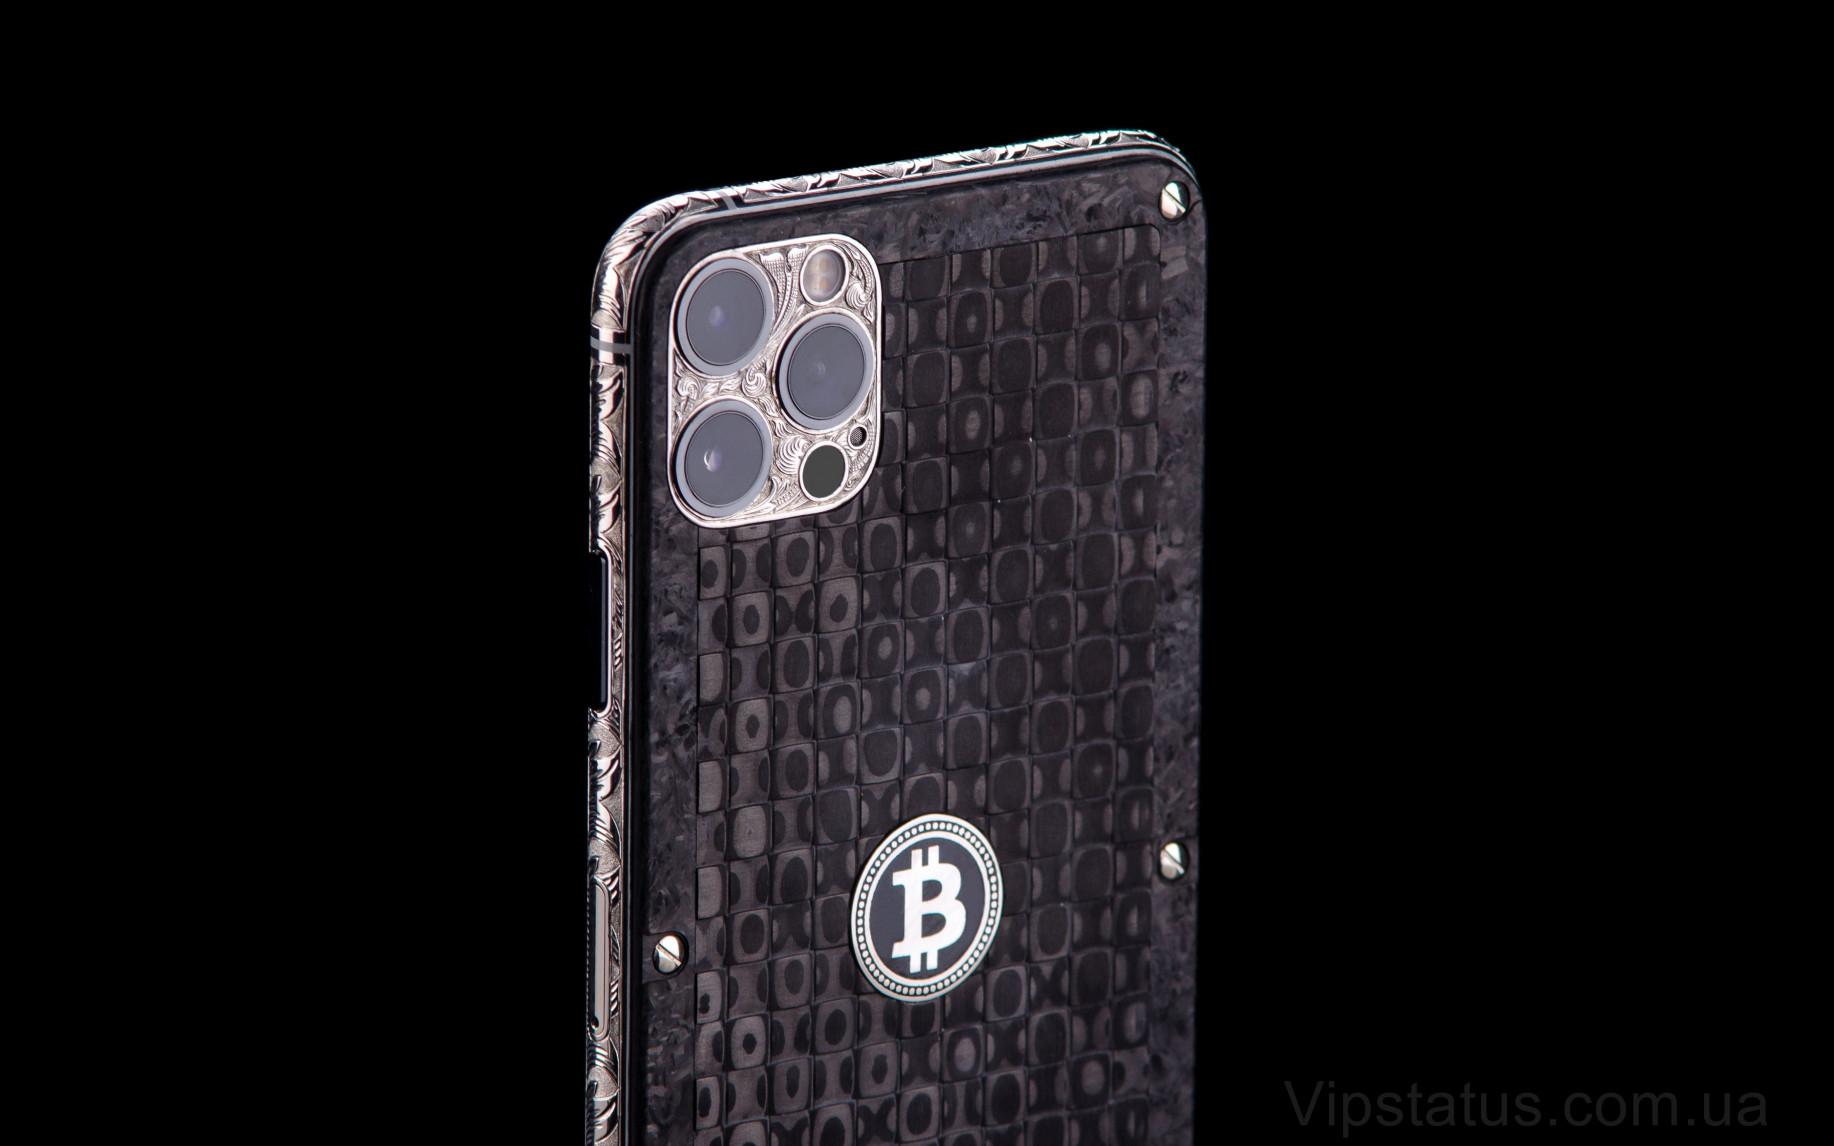 Elite Bitcoin Edition IPHONE 13 PRO MAX 512 GB Bitcoin Edition IPHONE 13 PRO MAX 512 GB image 2